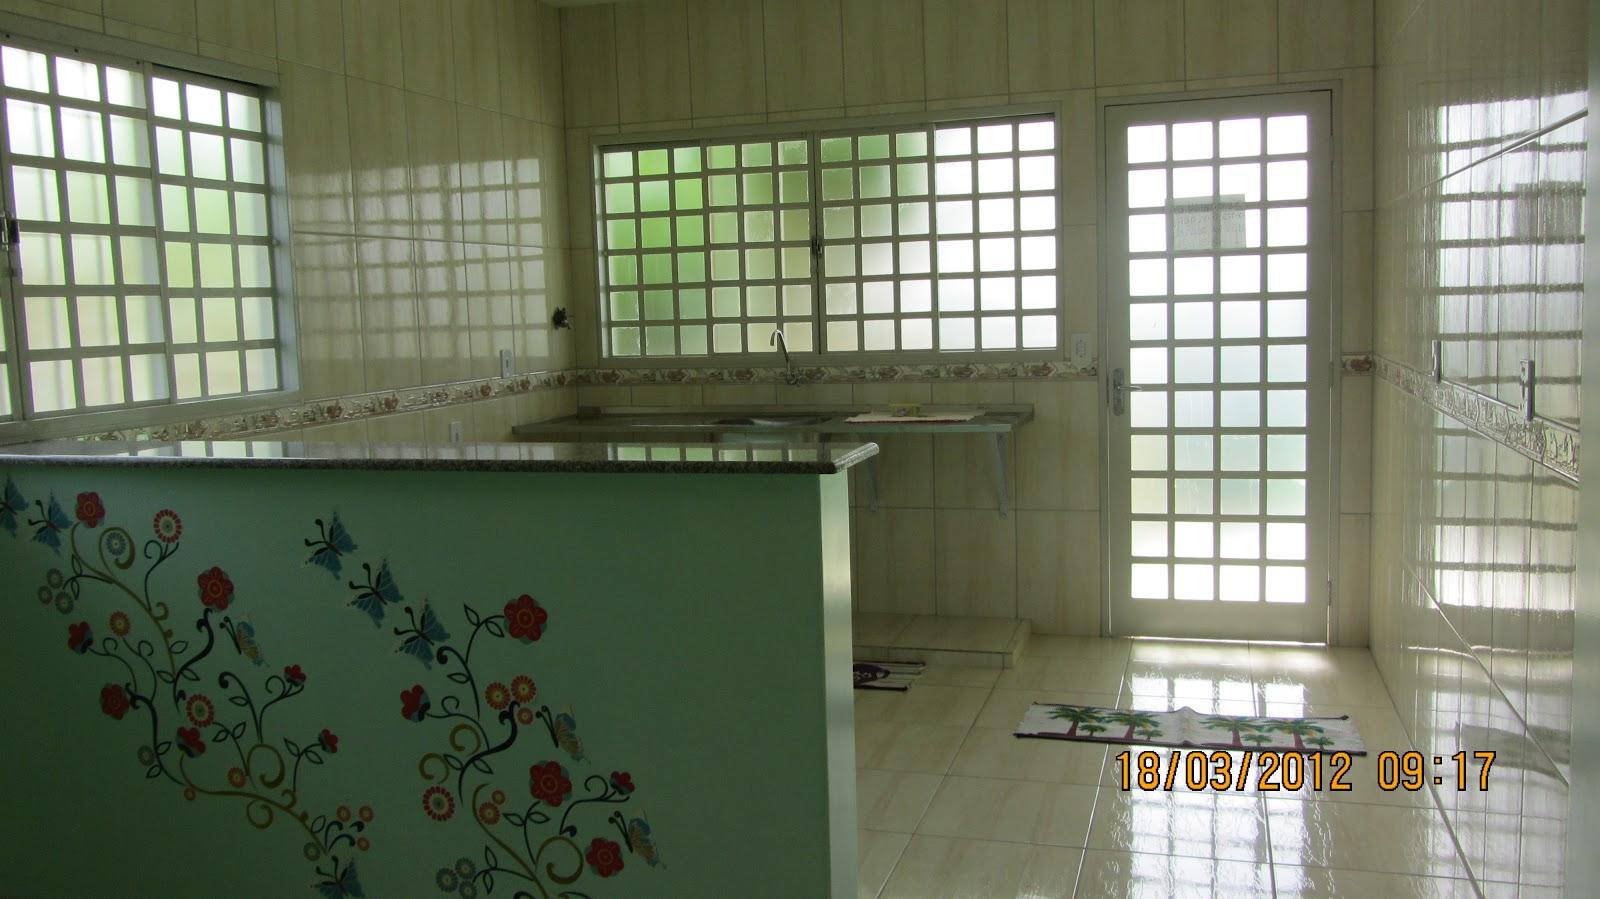 #595138 casaveredao: Cozinha e copa conjugadas. Belíssimas!!! 1600x899 px Projetos De Cozinhas Conjugadas Com Copa #489 imagens